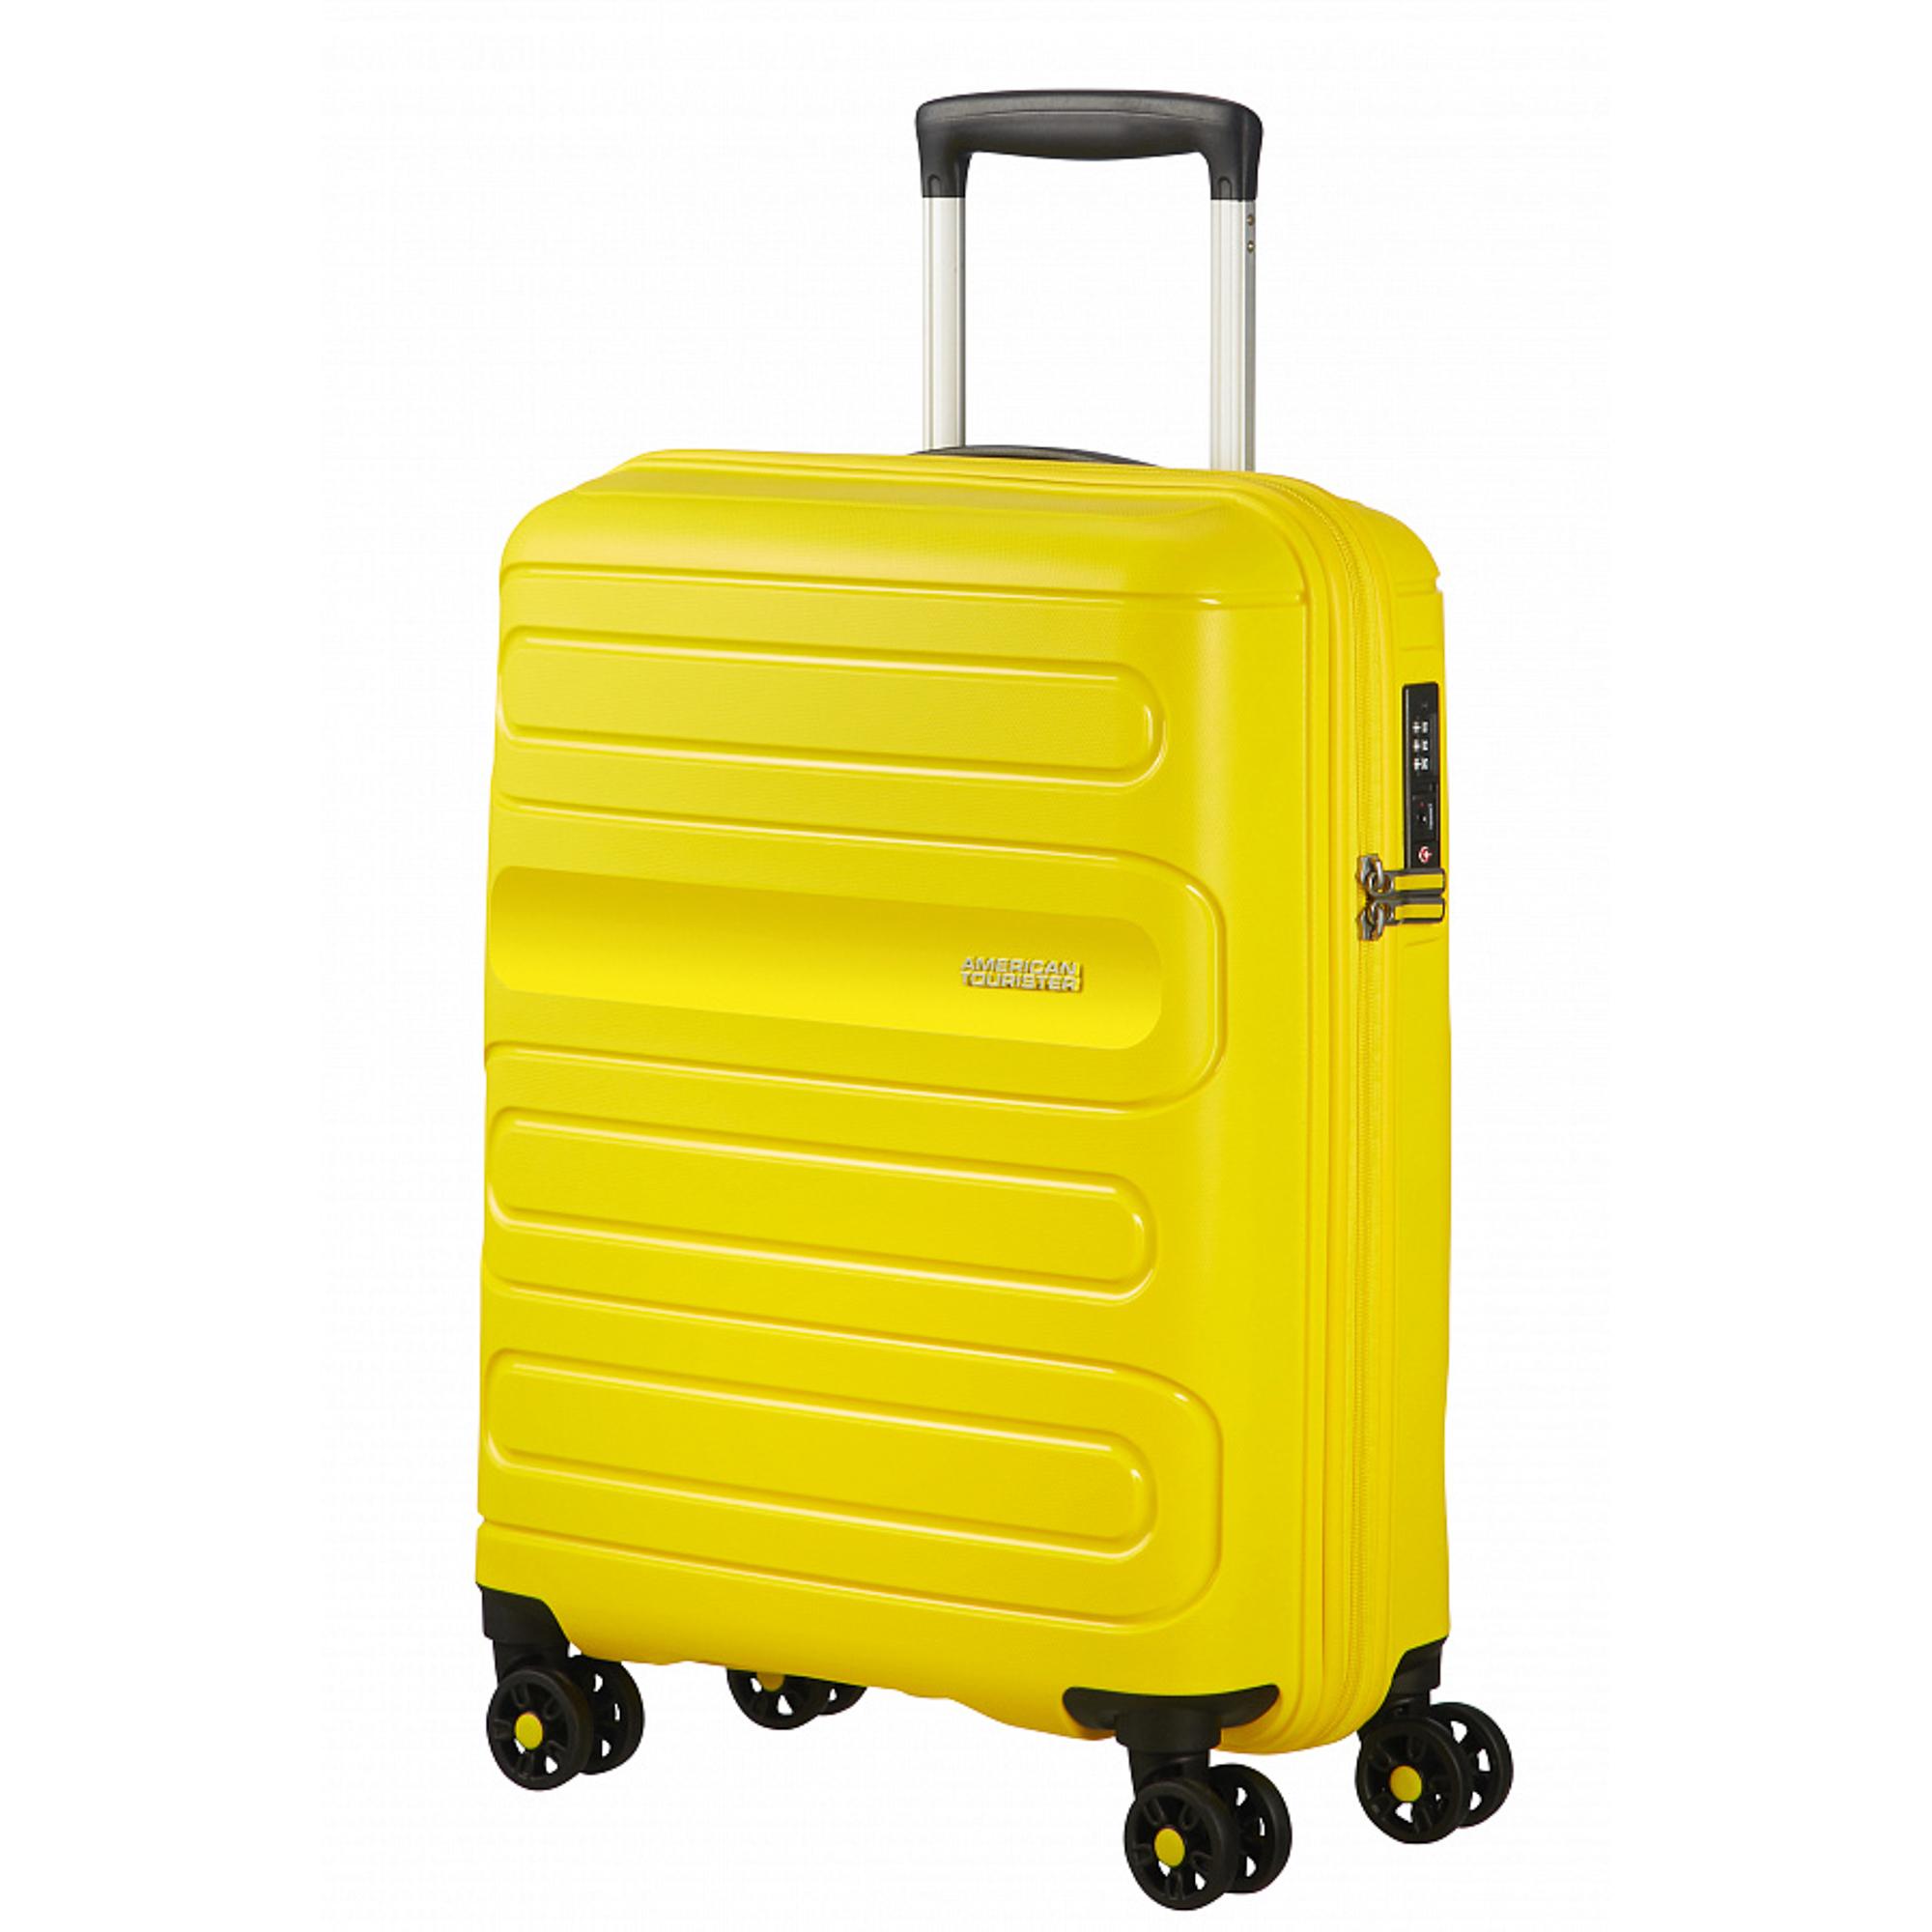 Чемодан American Tourister Sunside желтый S недорого